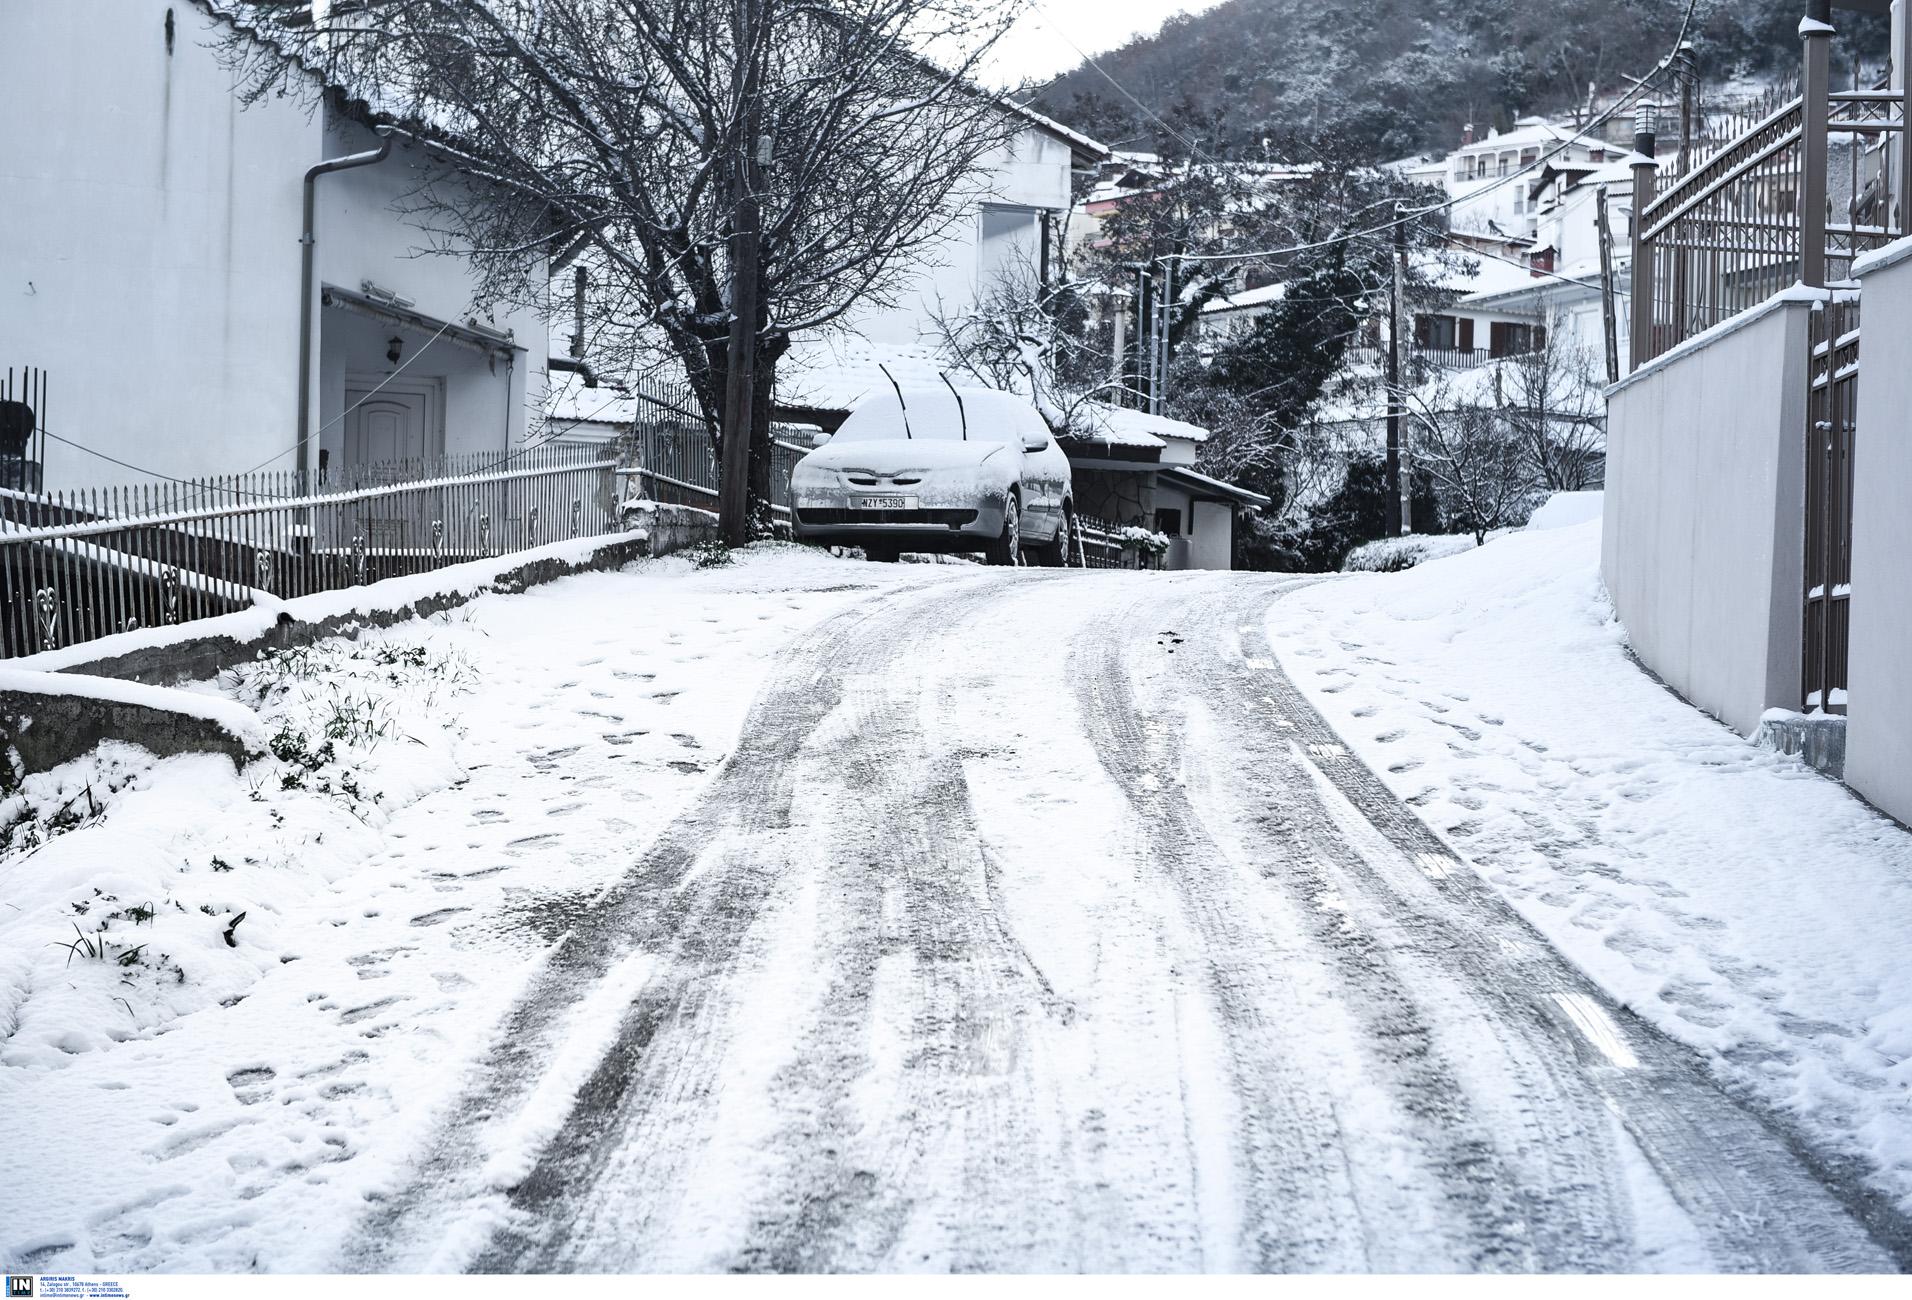 Καιρός – κακοκαιρία «Λέανδρος» – Πολικό ψύχος και χιόνι σε πολλές περιοχές